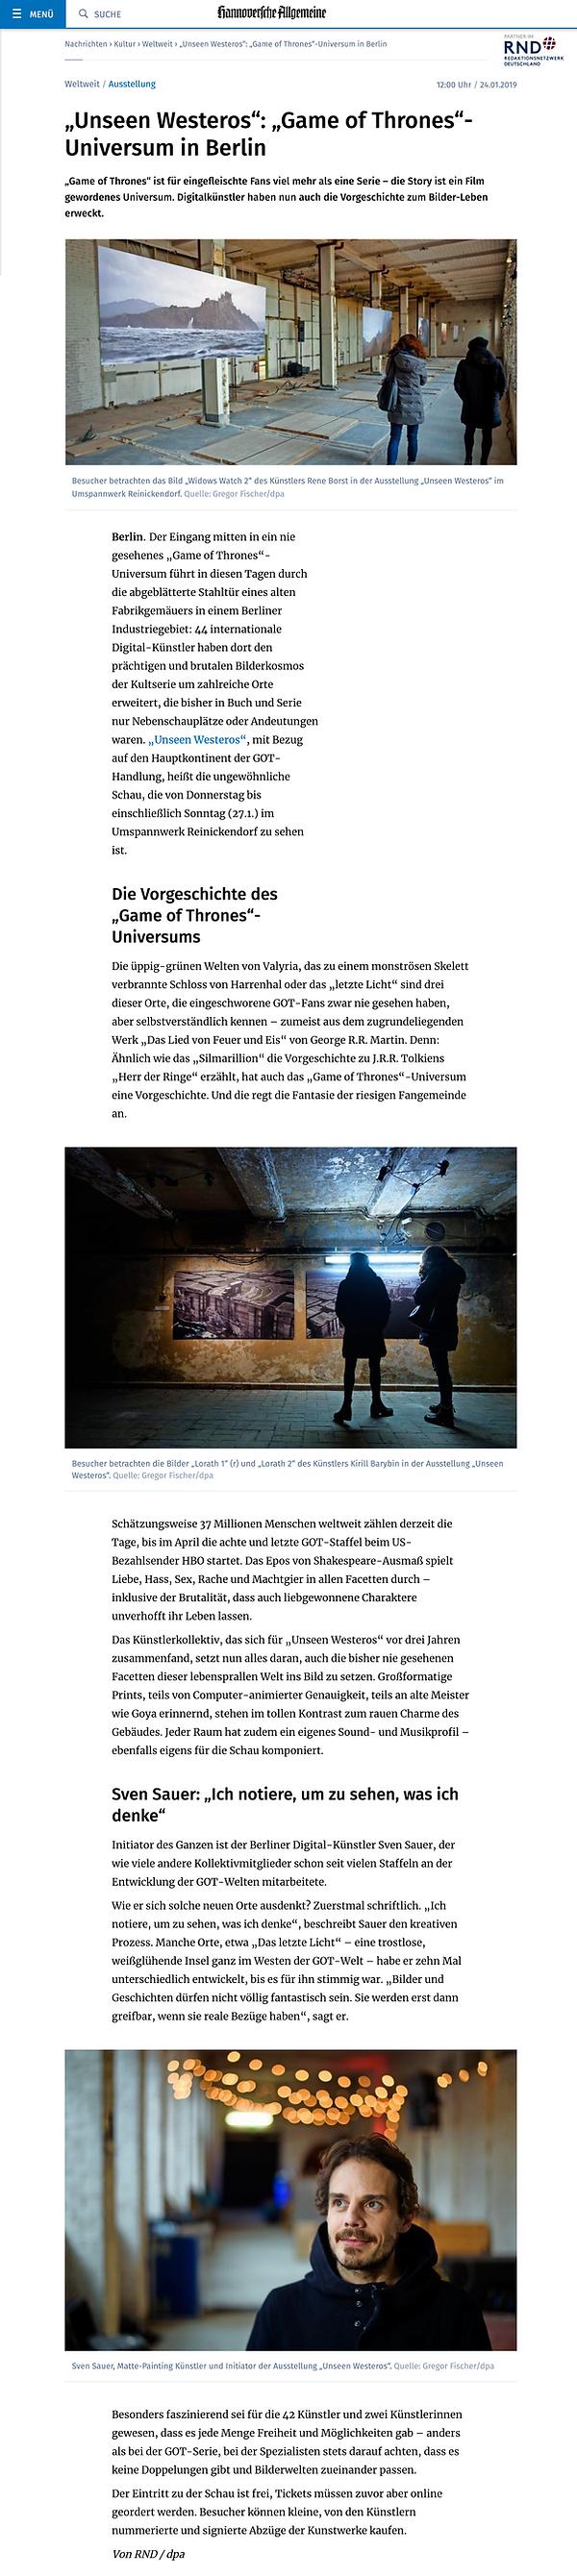 SvenSauer_Mattepainting_PressPic_Goettin